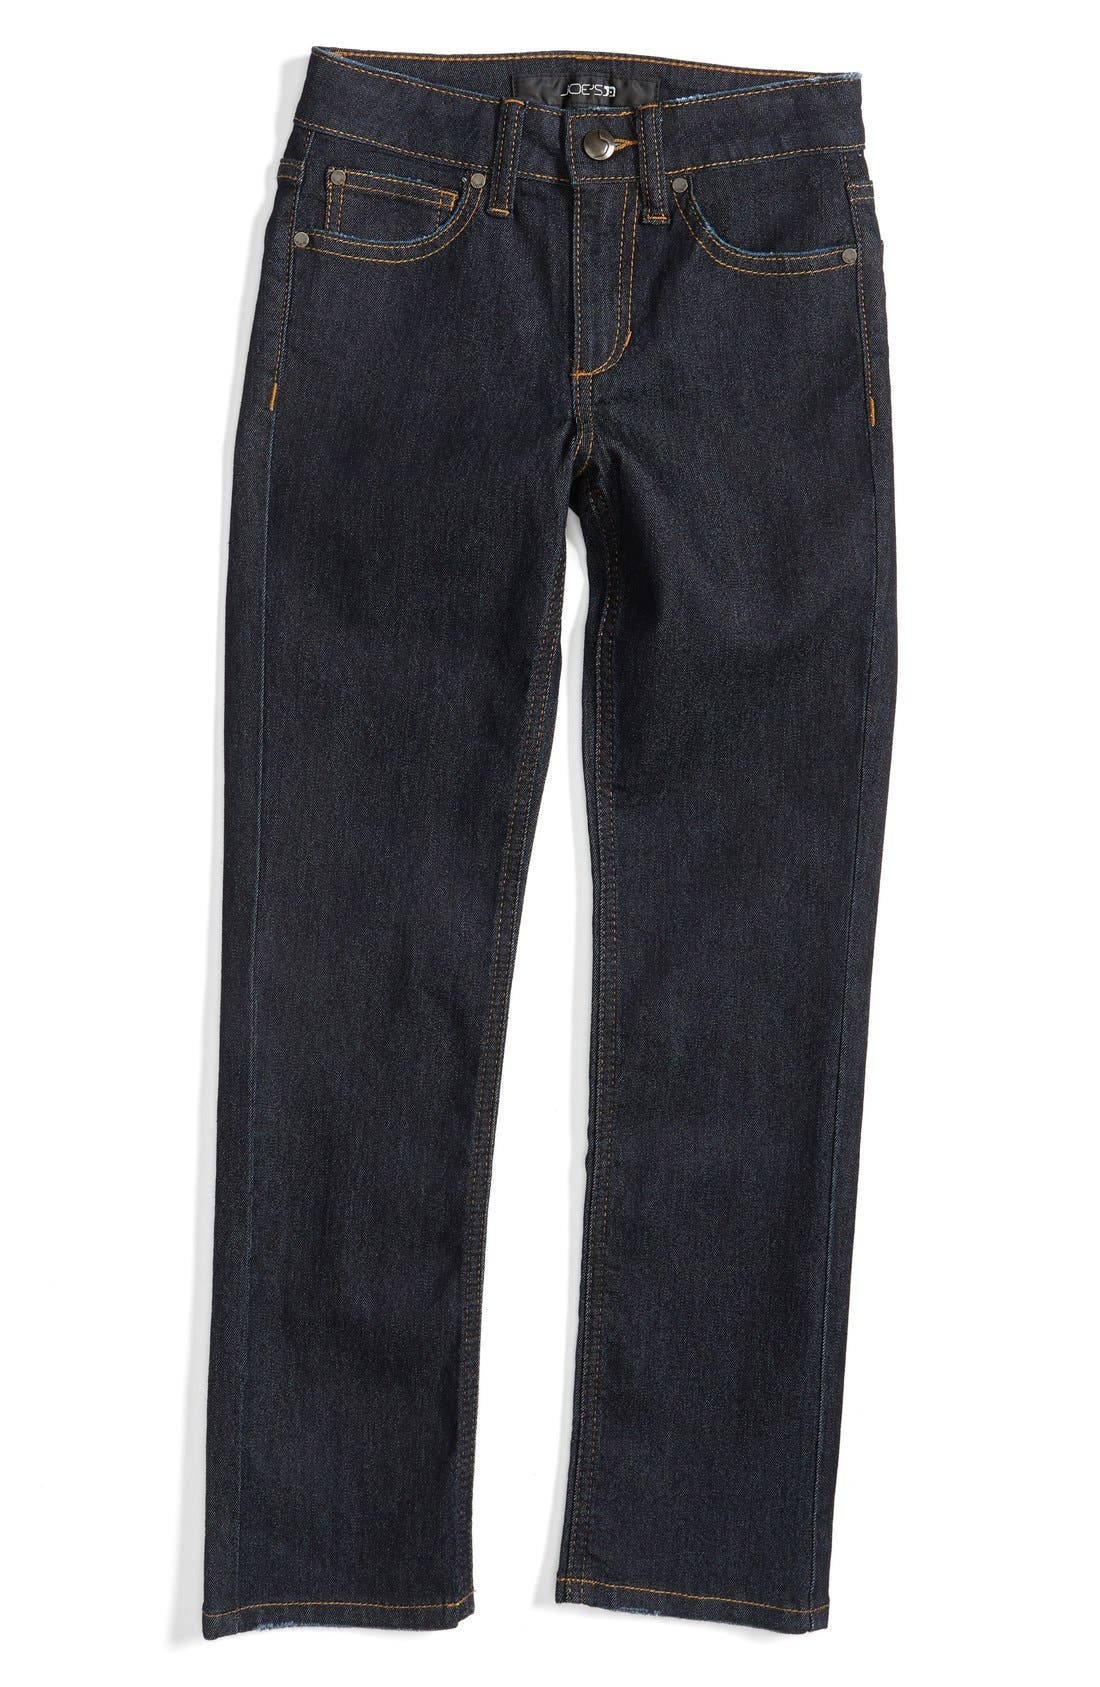 Brixton Straight Leg Jeans,                         Main,                         color, Ashton